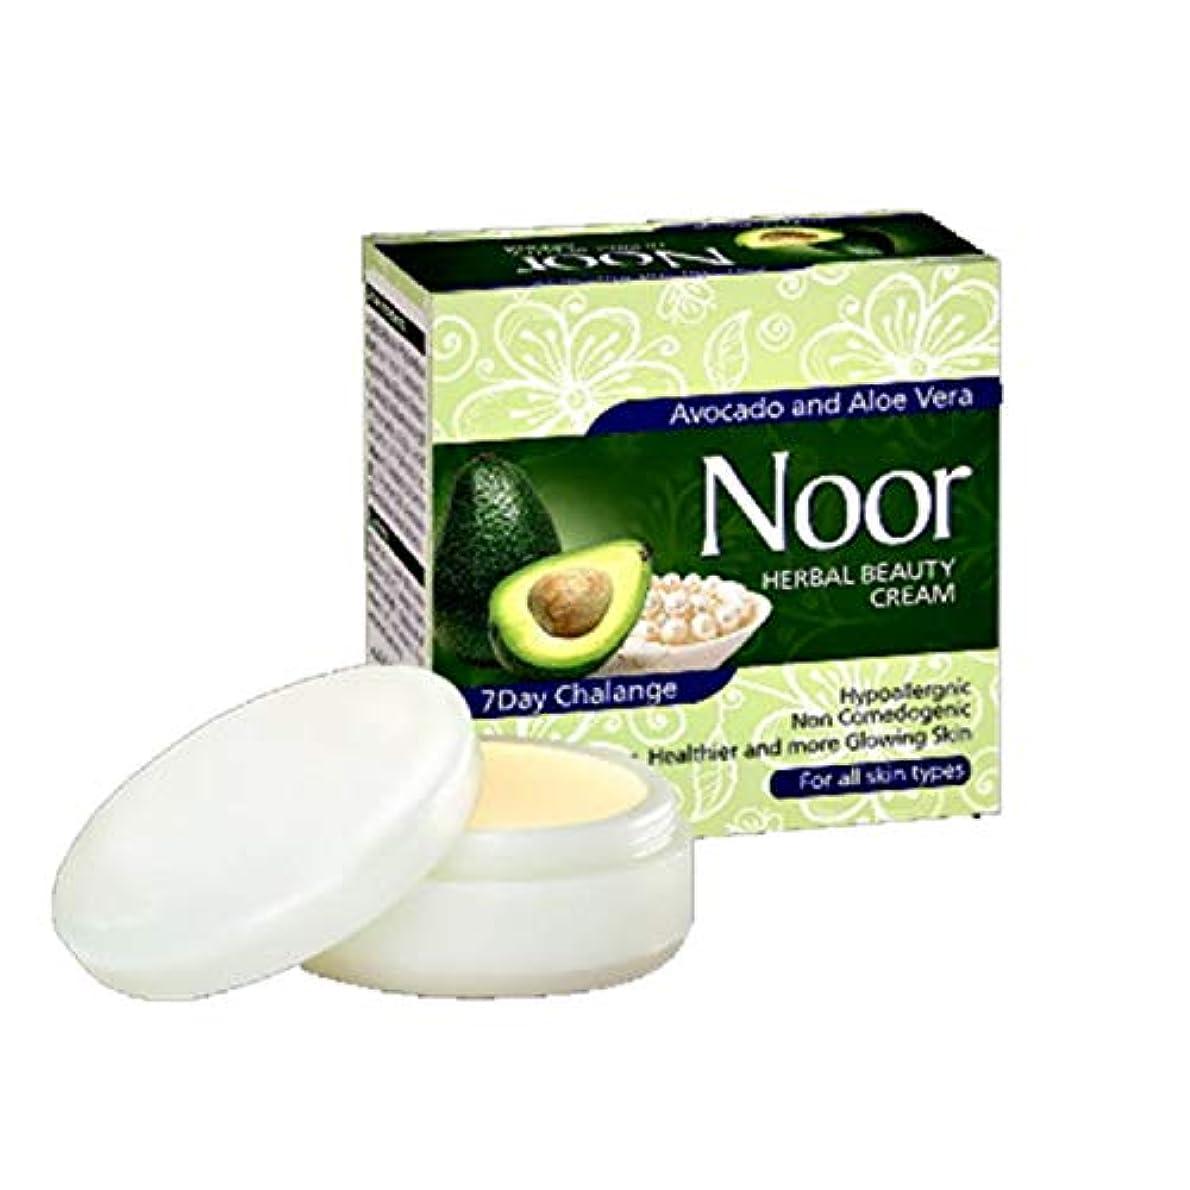 強調するスキニー踊り子Noor Herbal Beauty Cream Pimple, Spots Removing Anti ageing 2 PC